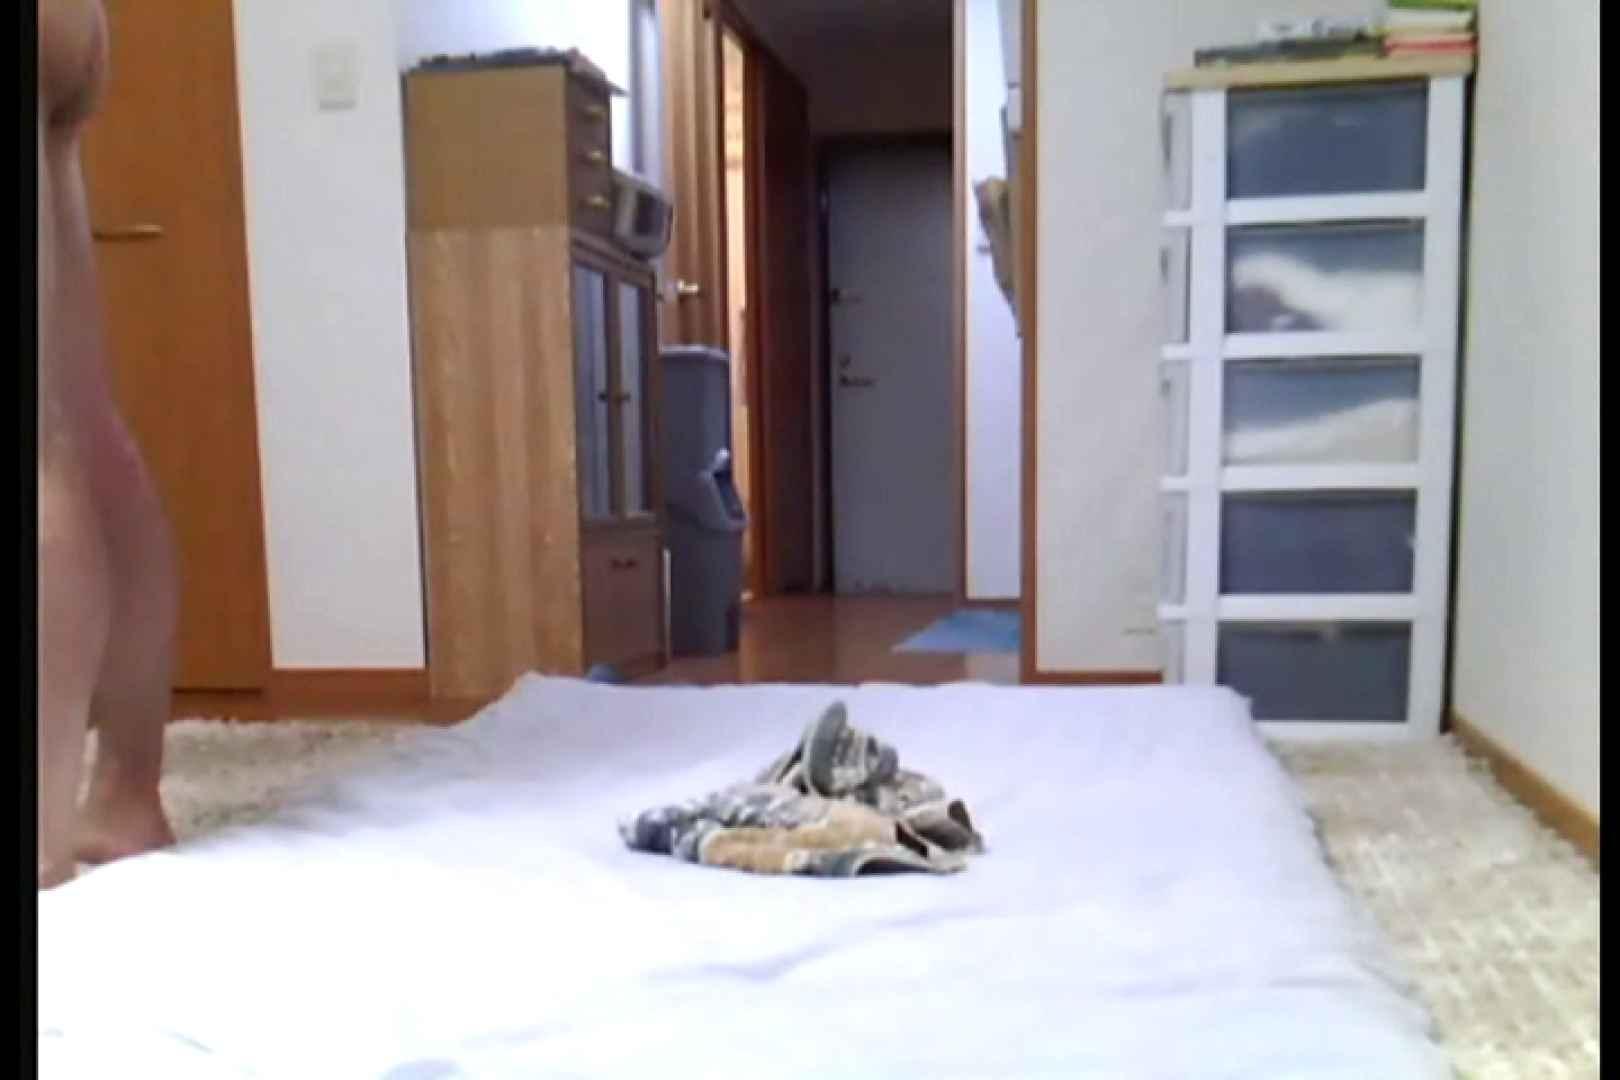 電魔王さんの「盗撮の部屋」sarie Vol.1 ガールの盗撮 盗み撮り動画 95枚